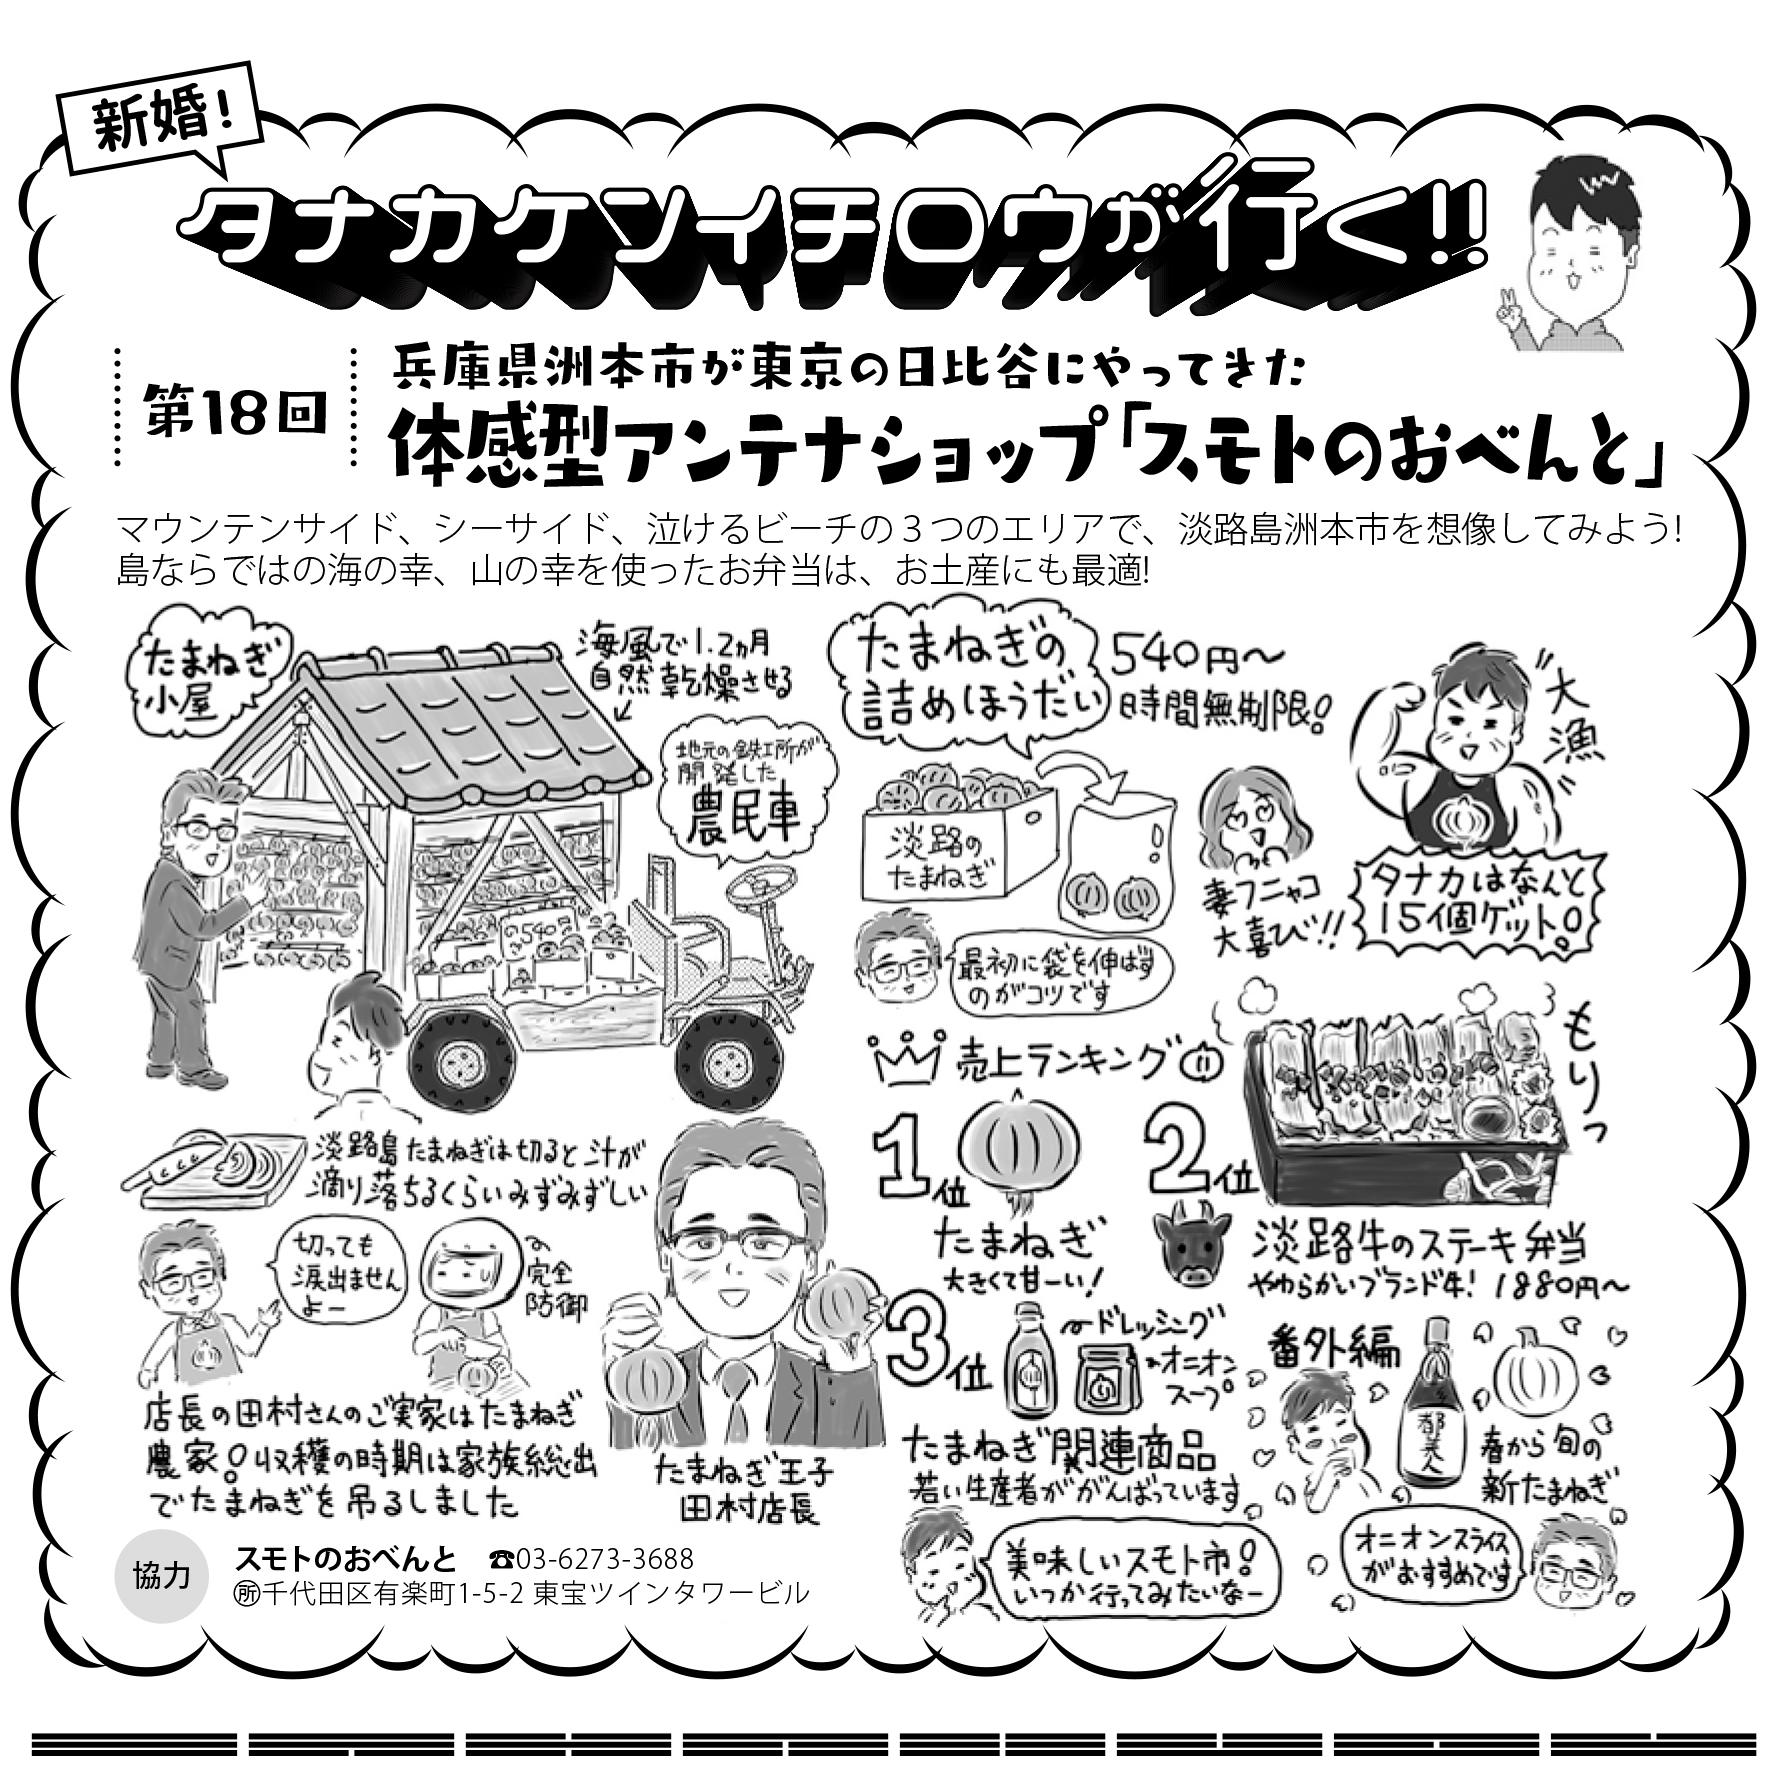 2019_4月号_タナカ&占い_0225+